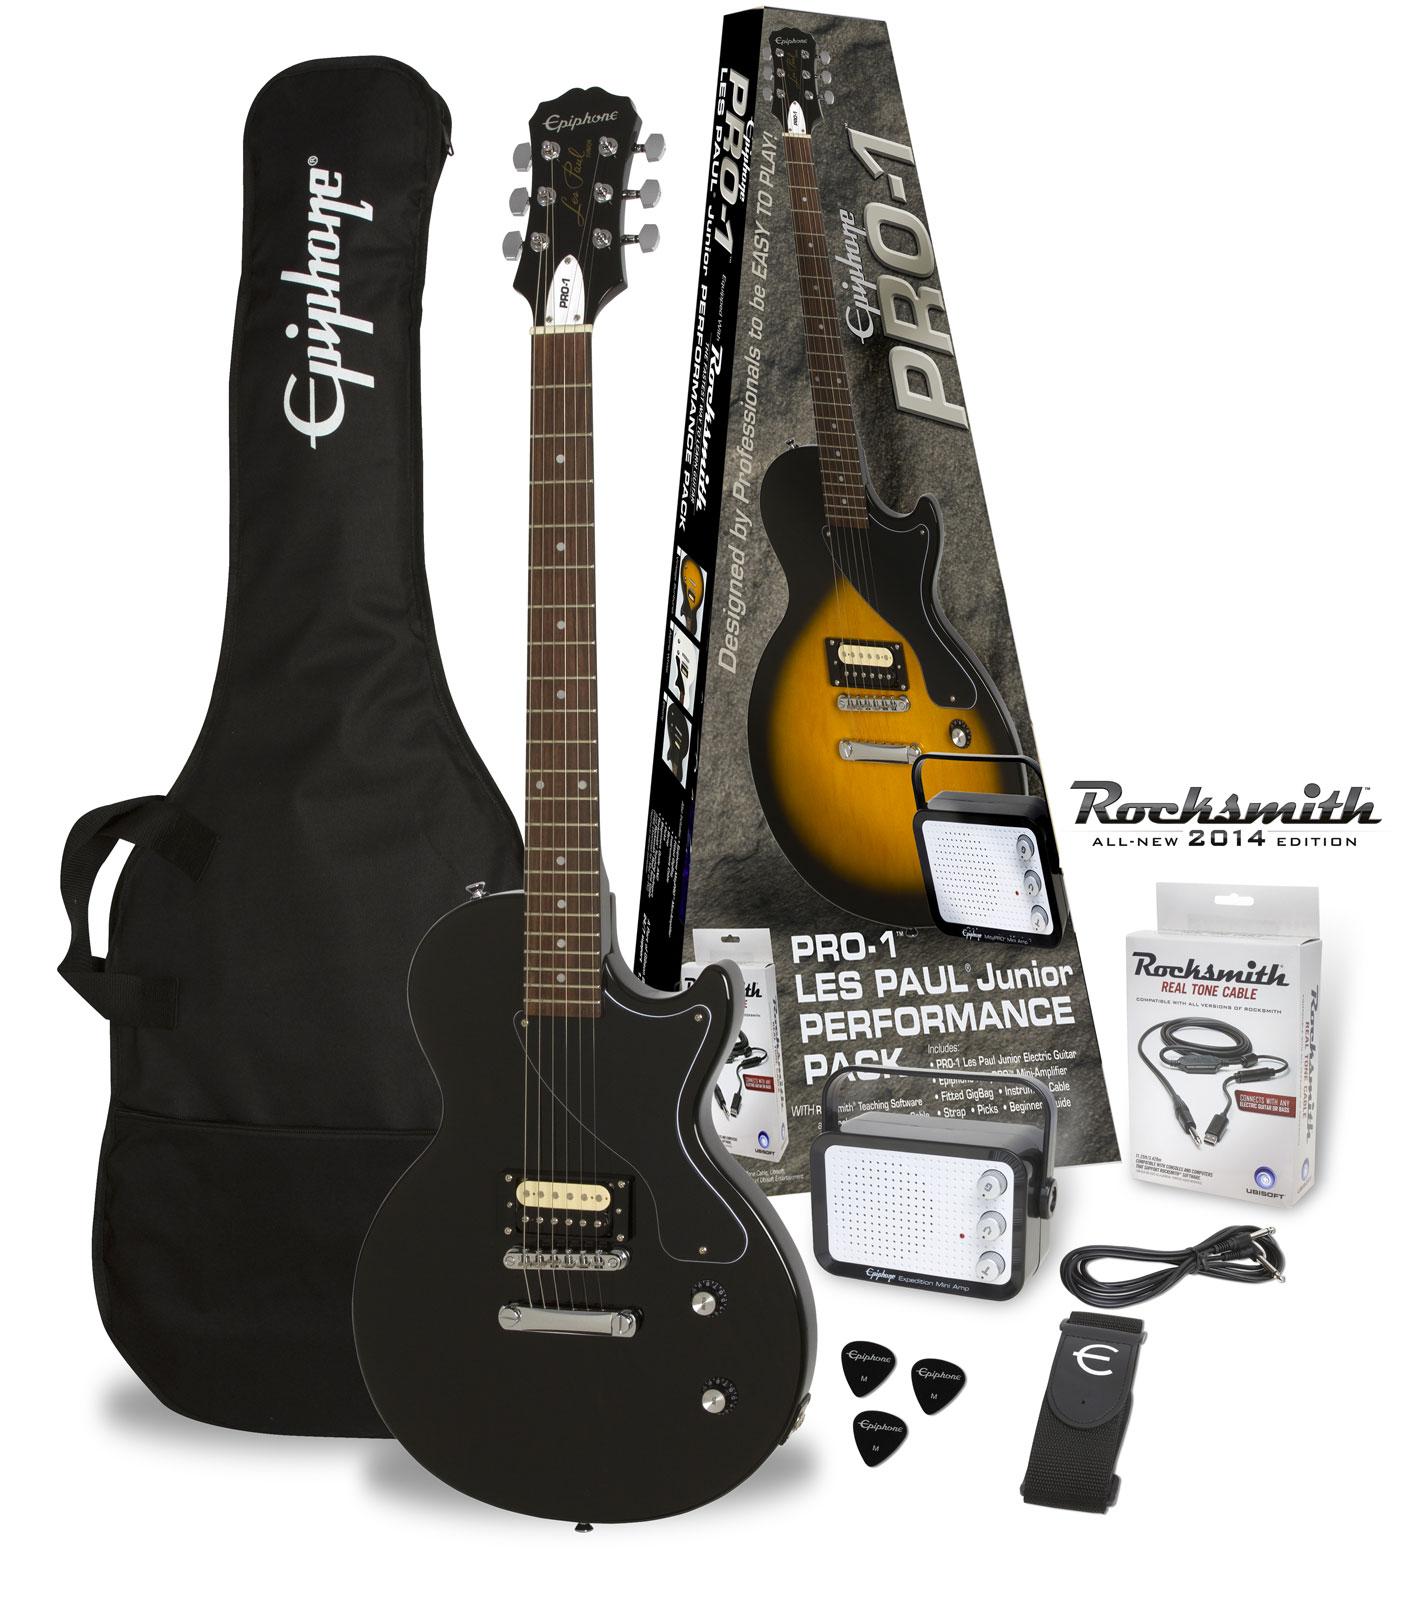 Epiphone Pro-1 Les Paul Junior Ebony Pack (rocksmith)